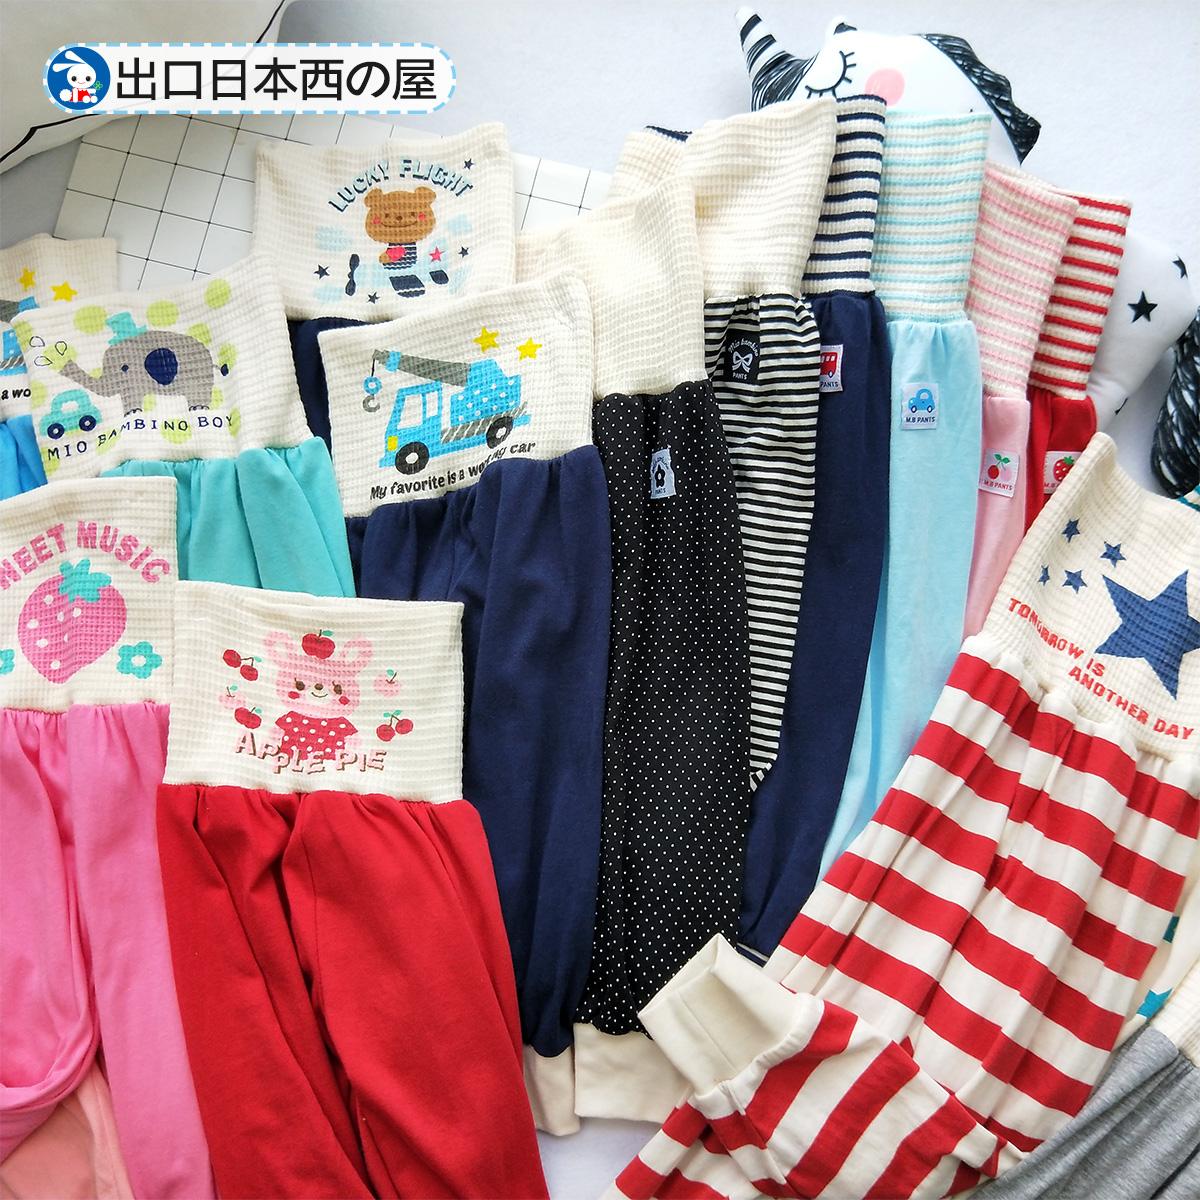 出口日本男女宝宝纯棉高腰护肚子裤子婴儿童防着凉卷腹围护脐外裤